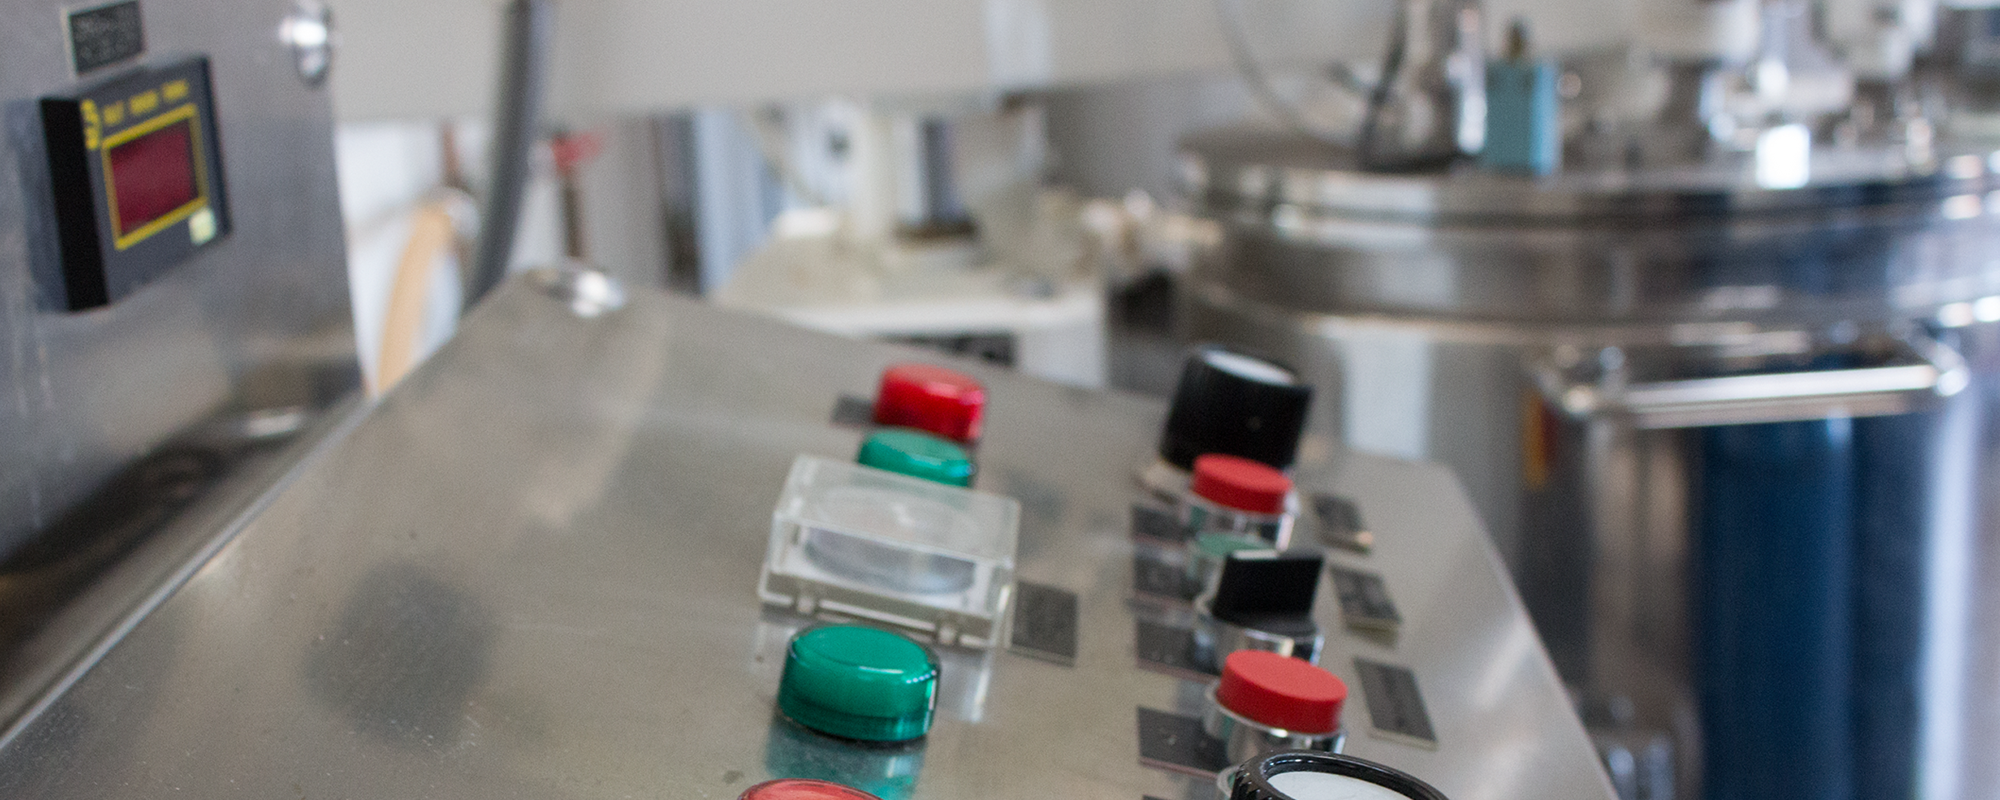 Pedersen's Laboratorium Contract Manufacturing